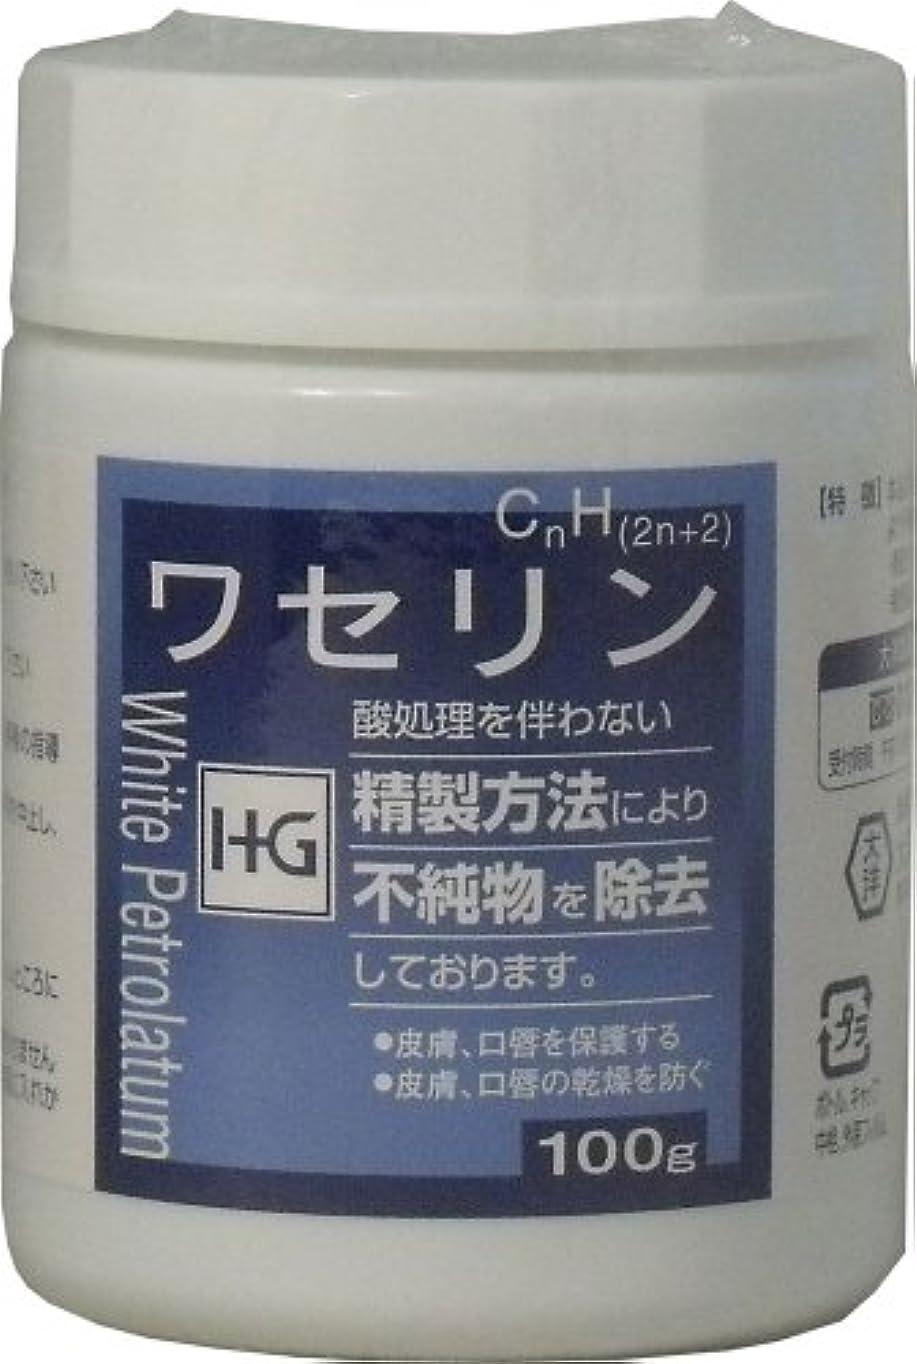 洗練神秘的な評価可能皮膚保護 ワセリンHG 100g ×3個セット